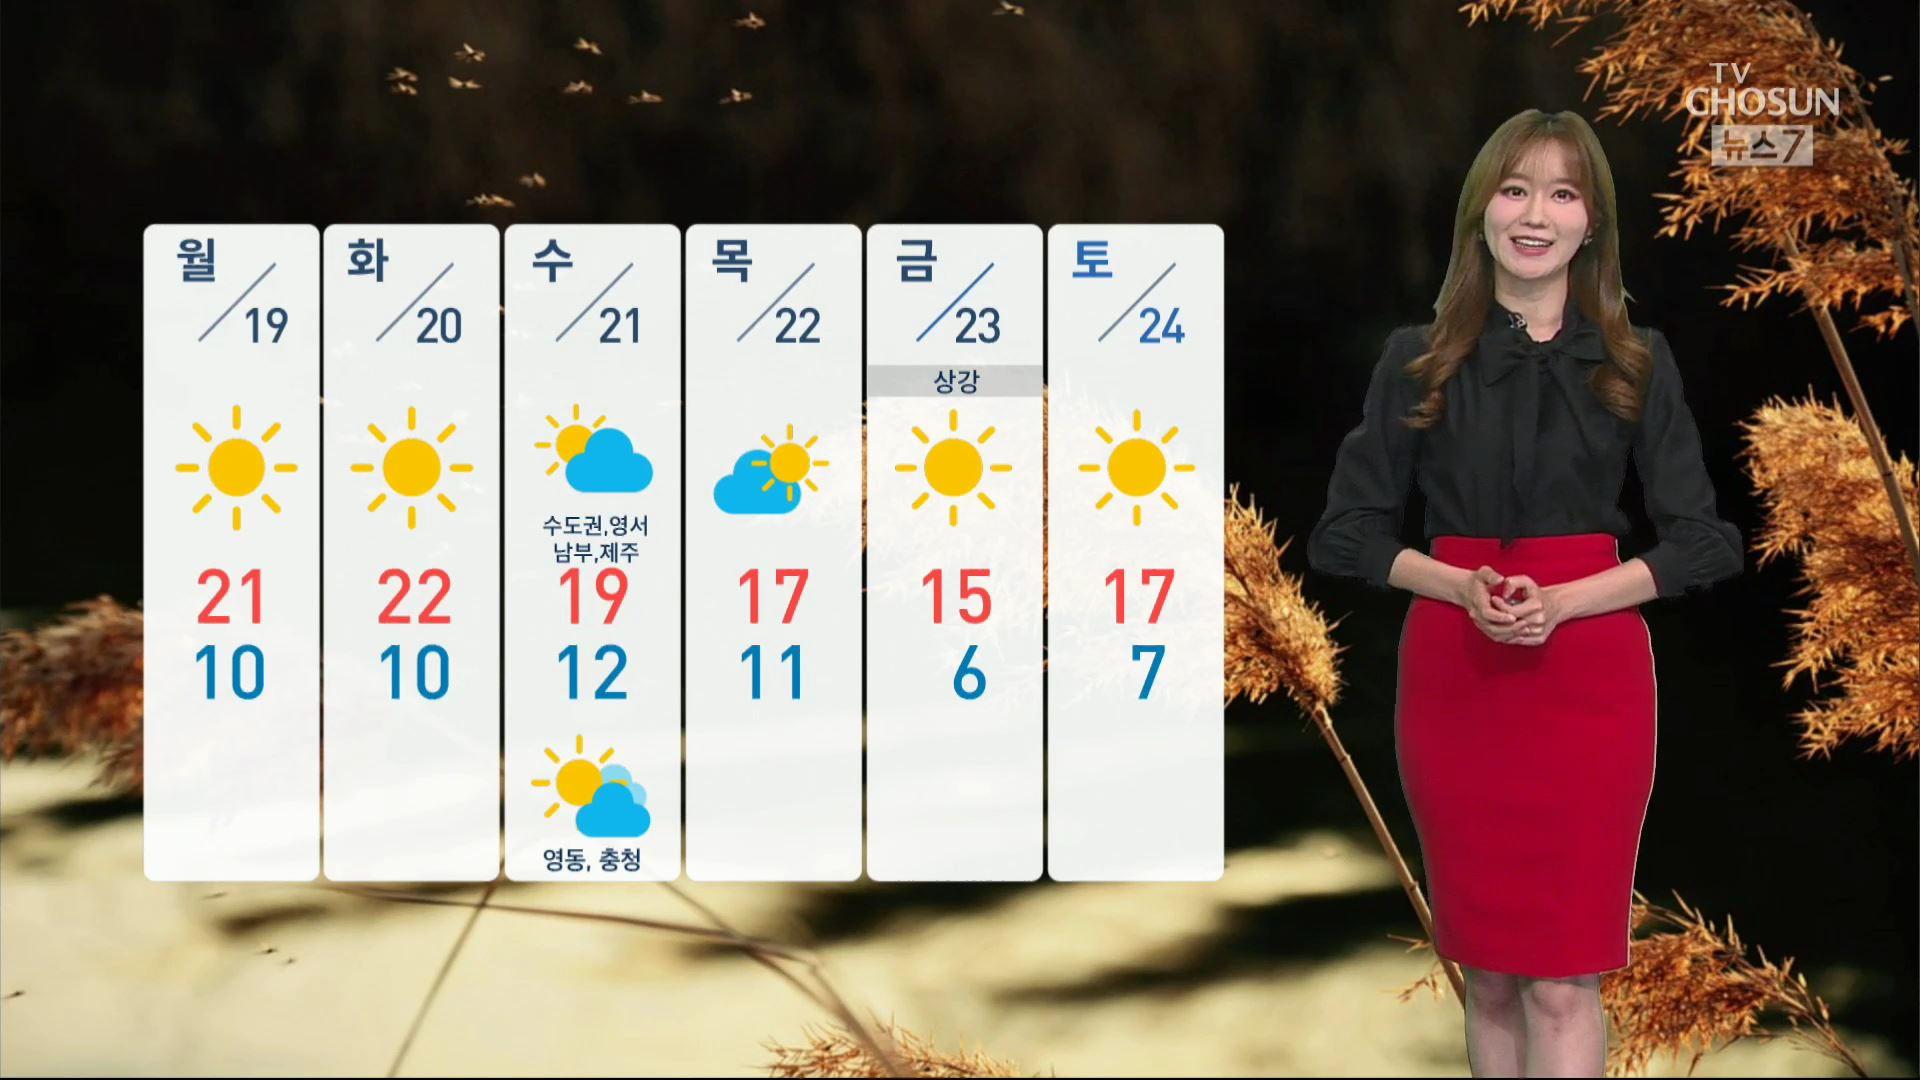 [날씨] 월요일도 맑고 쾌청…'큰 일교차' 유의